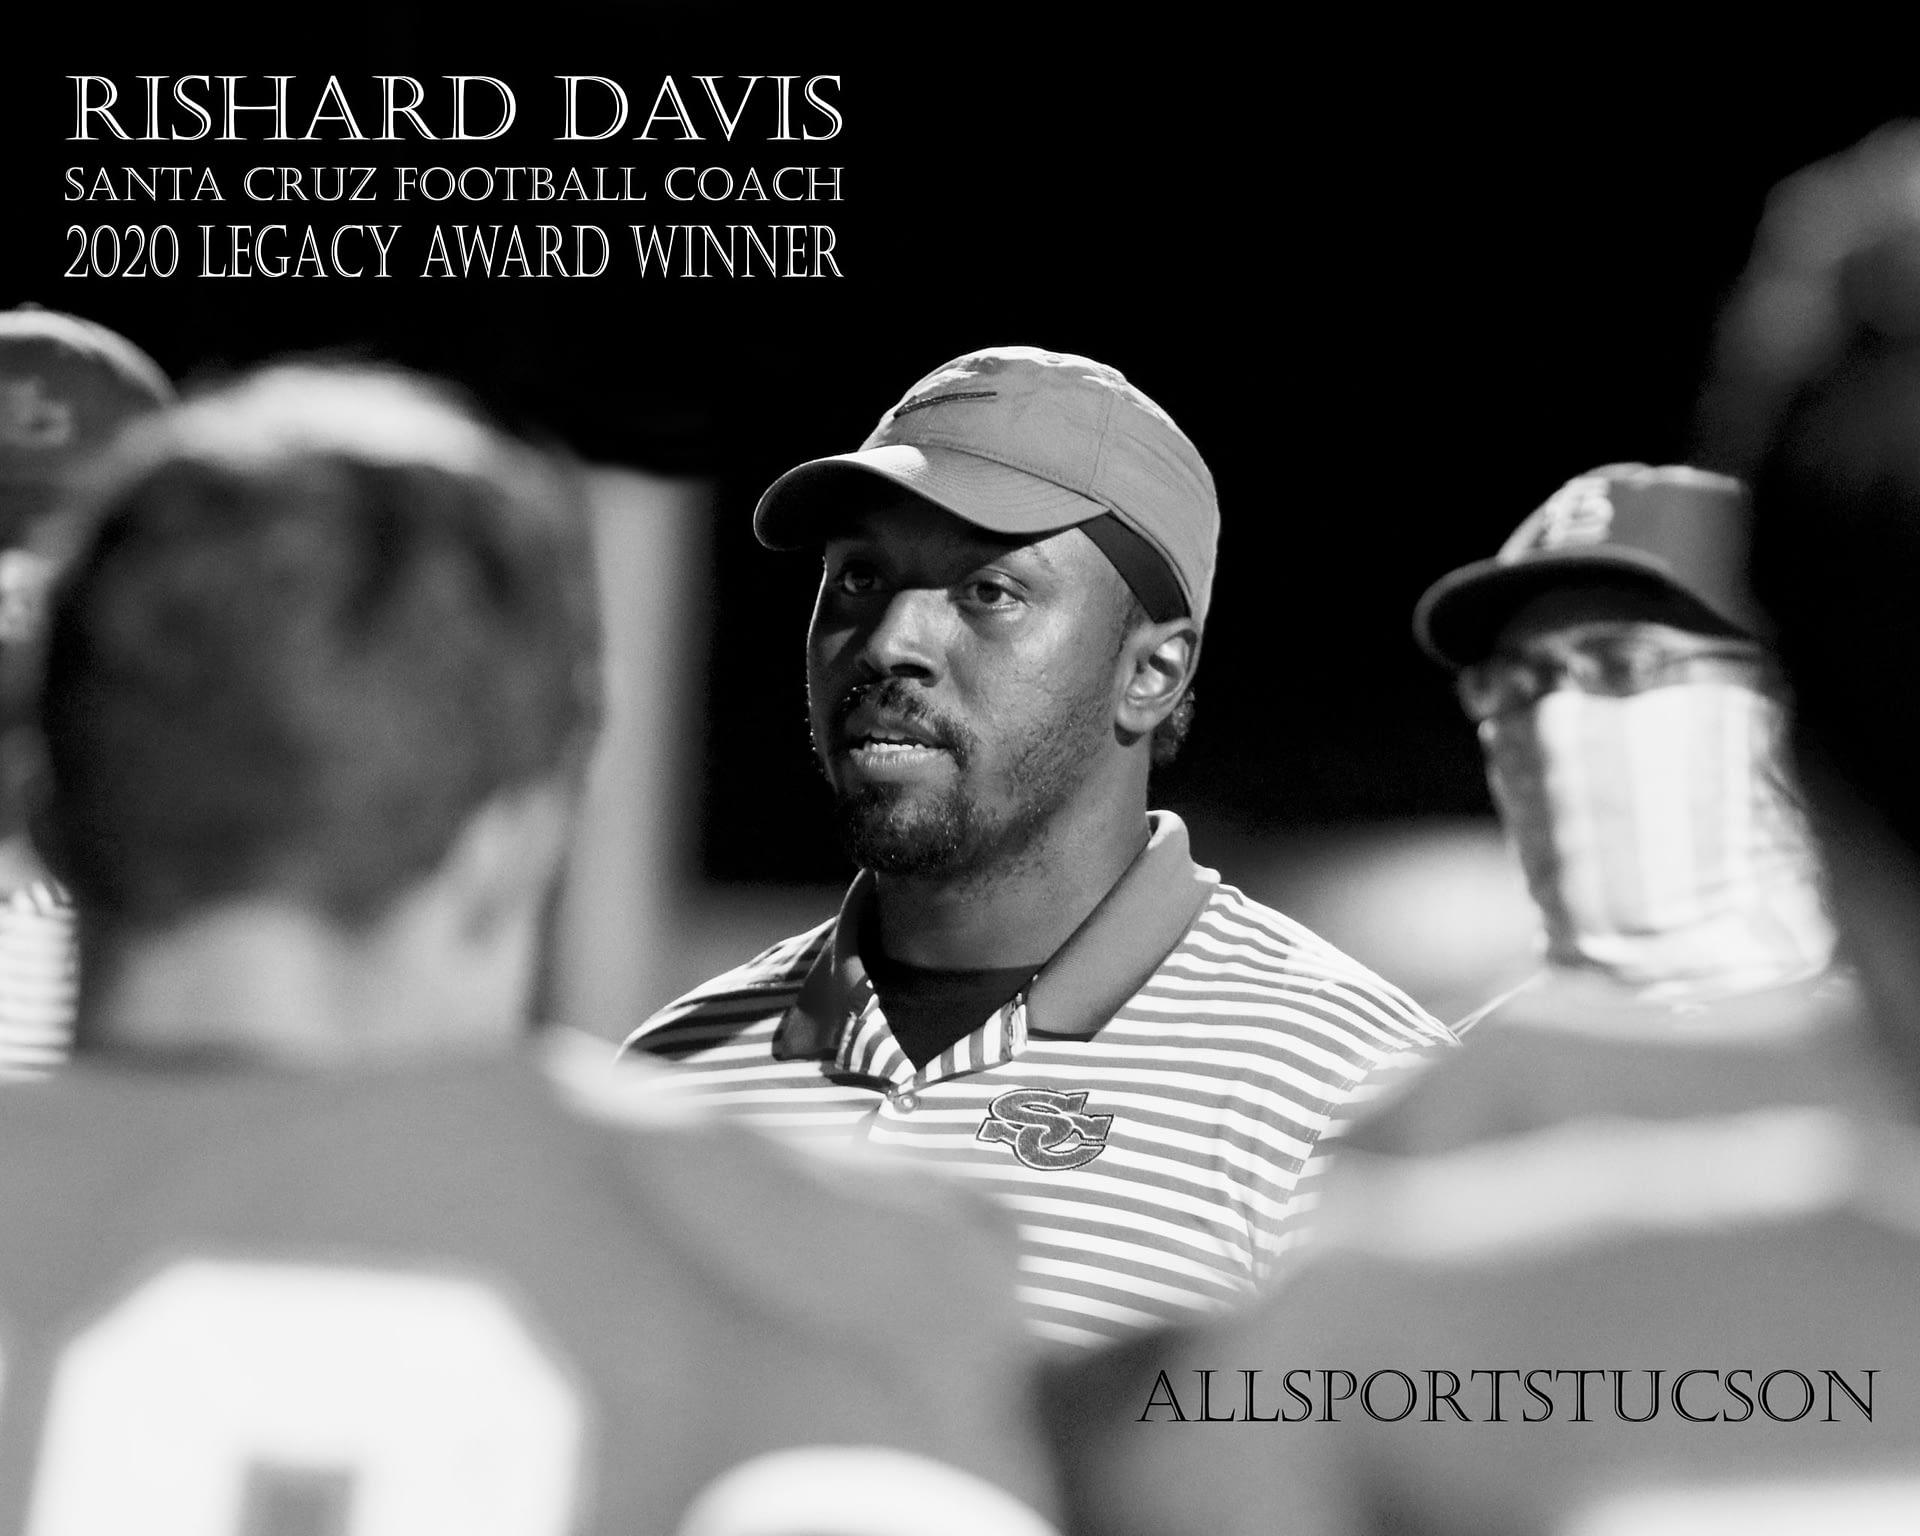 Rishard-davis-legacy-award